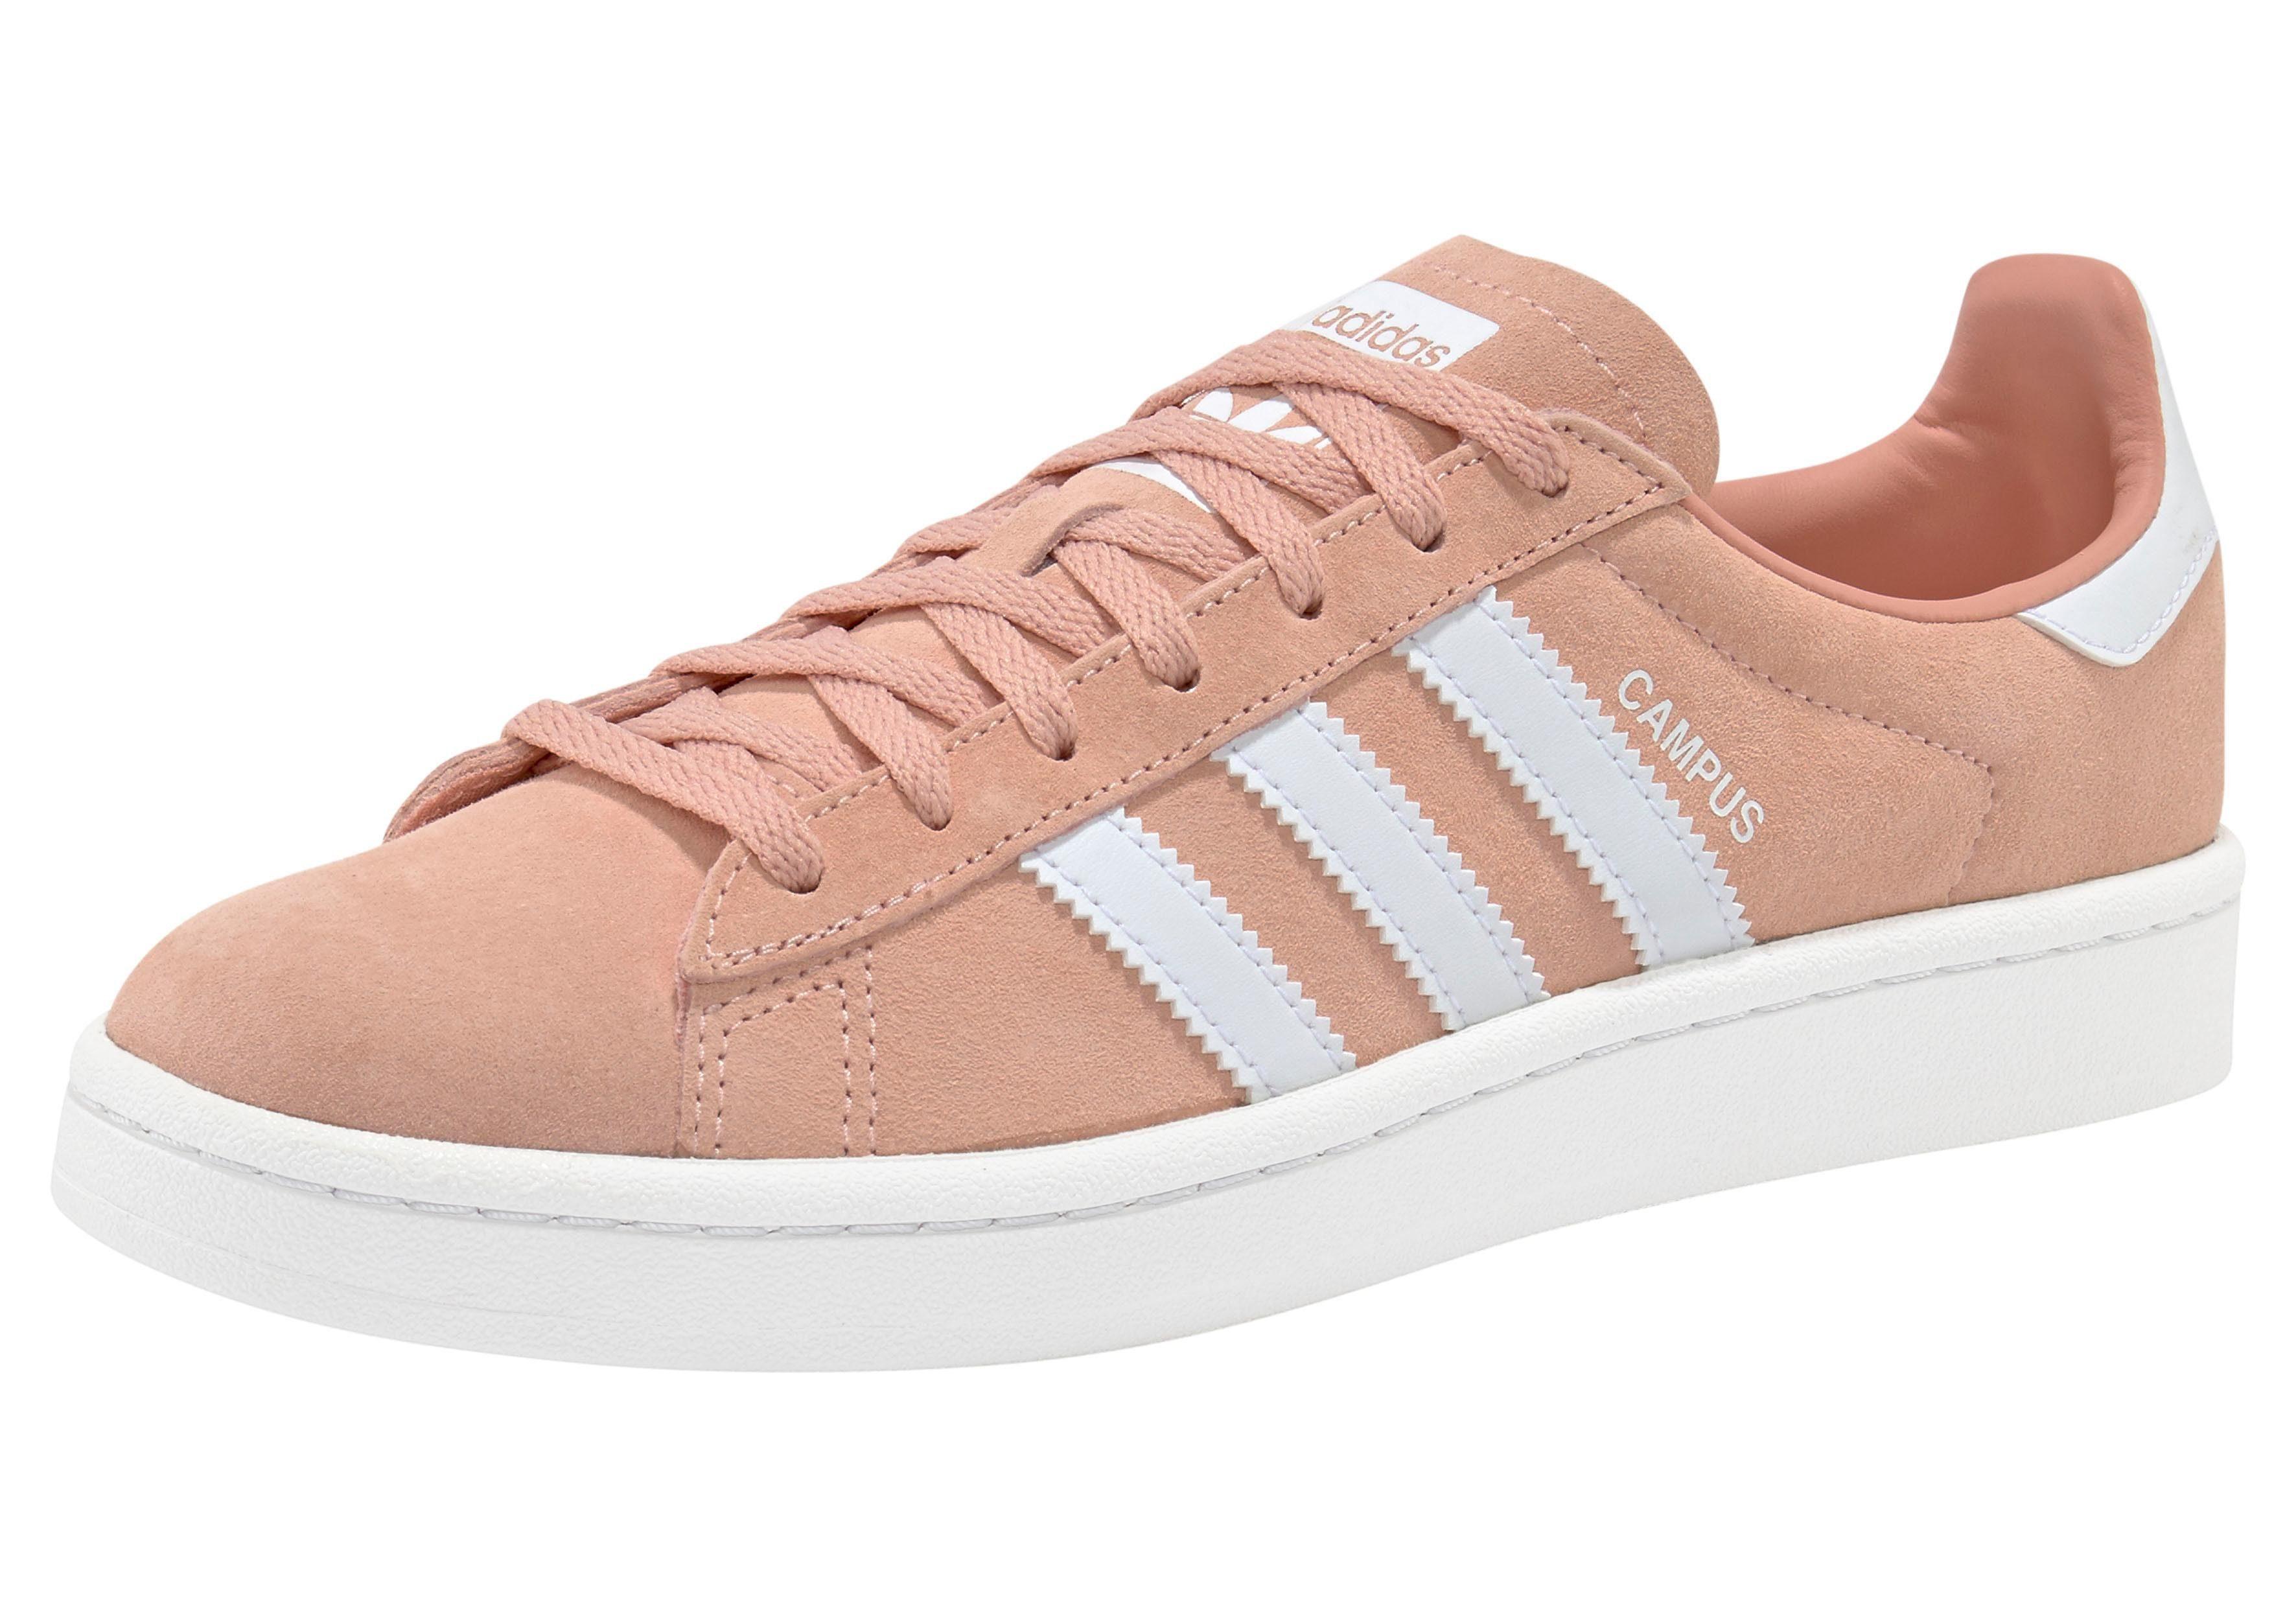 Obermaterial Weichem W« Online Veloursleder Originals »campus SneakerHochwertiges Aus KaufenOtto Adidas Lcq5R43Aj